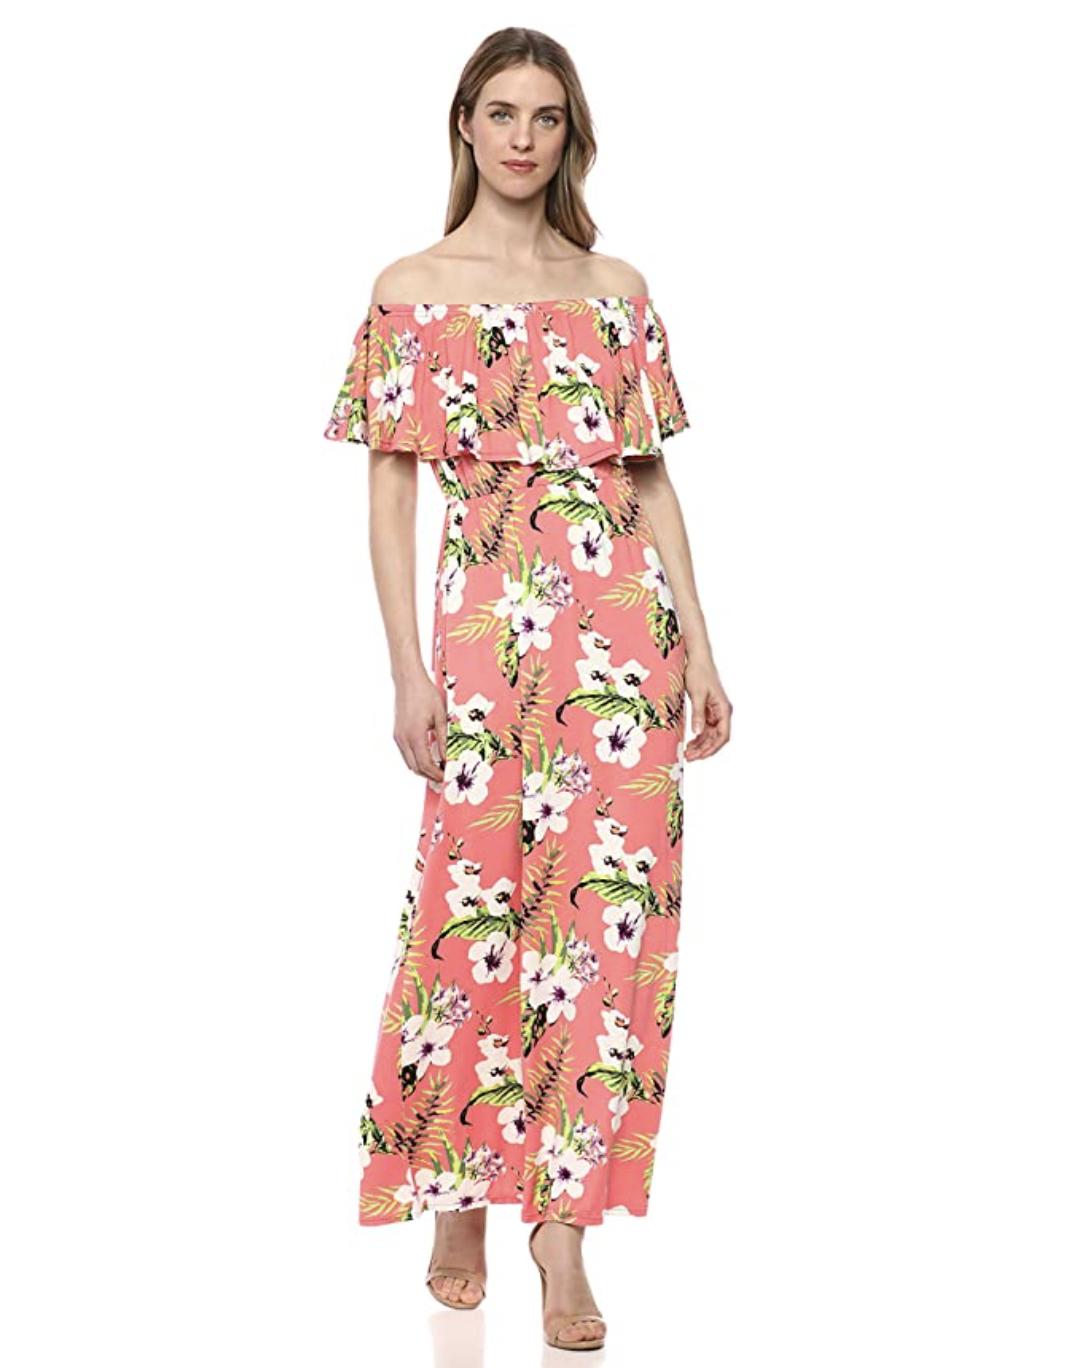 Amazon Prime Day moda gangas